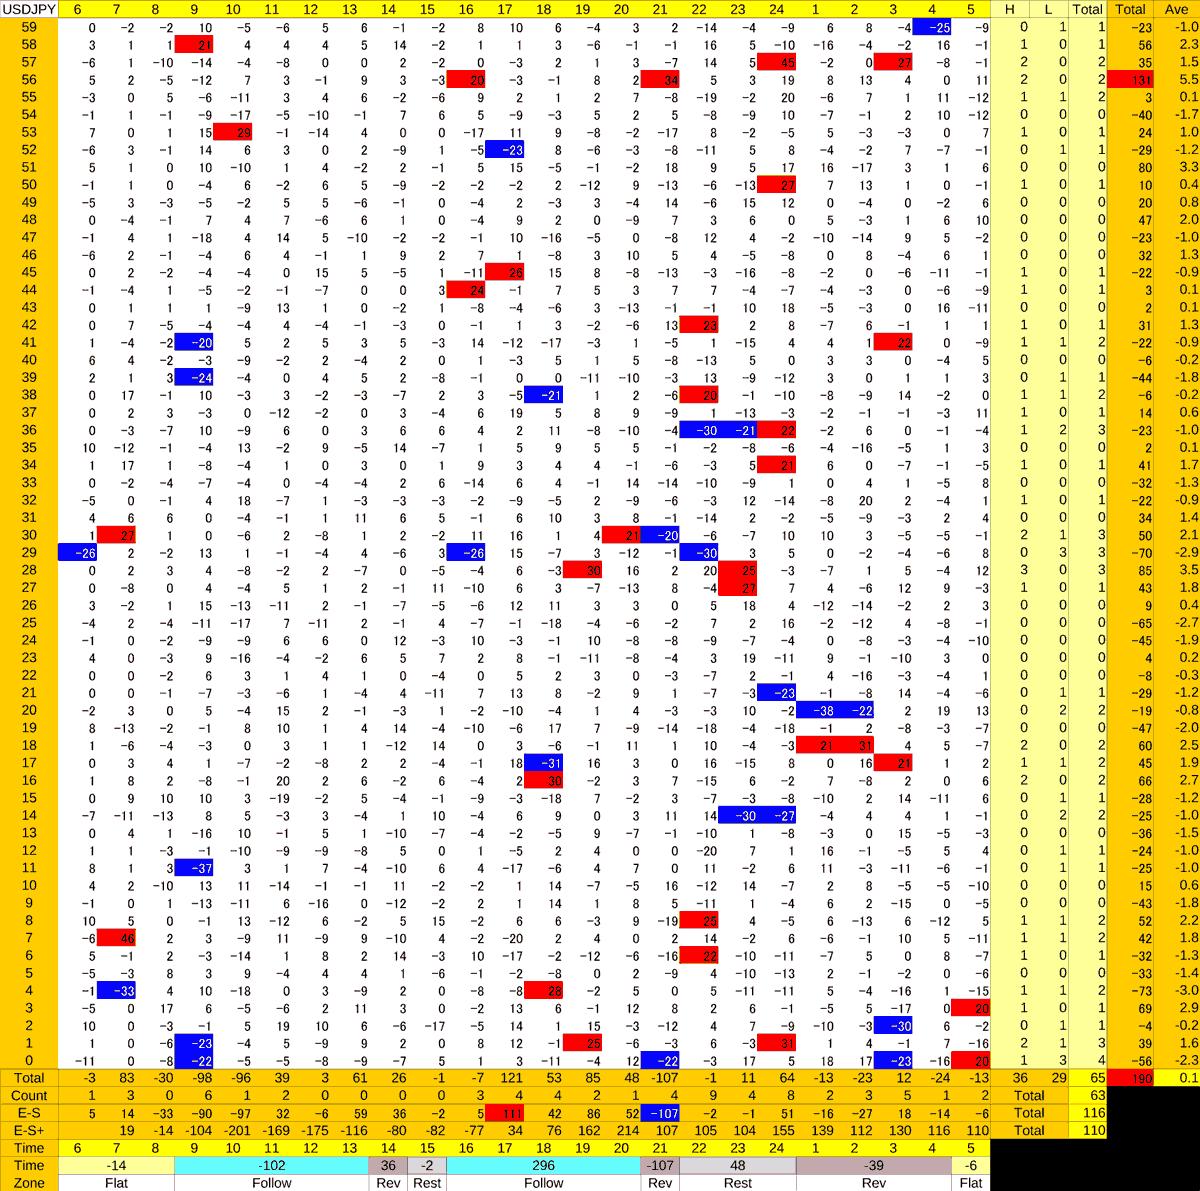 20210113_HS(1)USDJPY